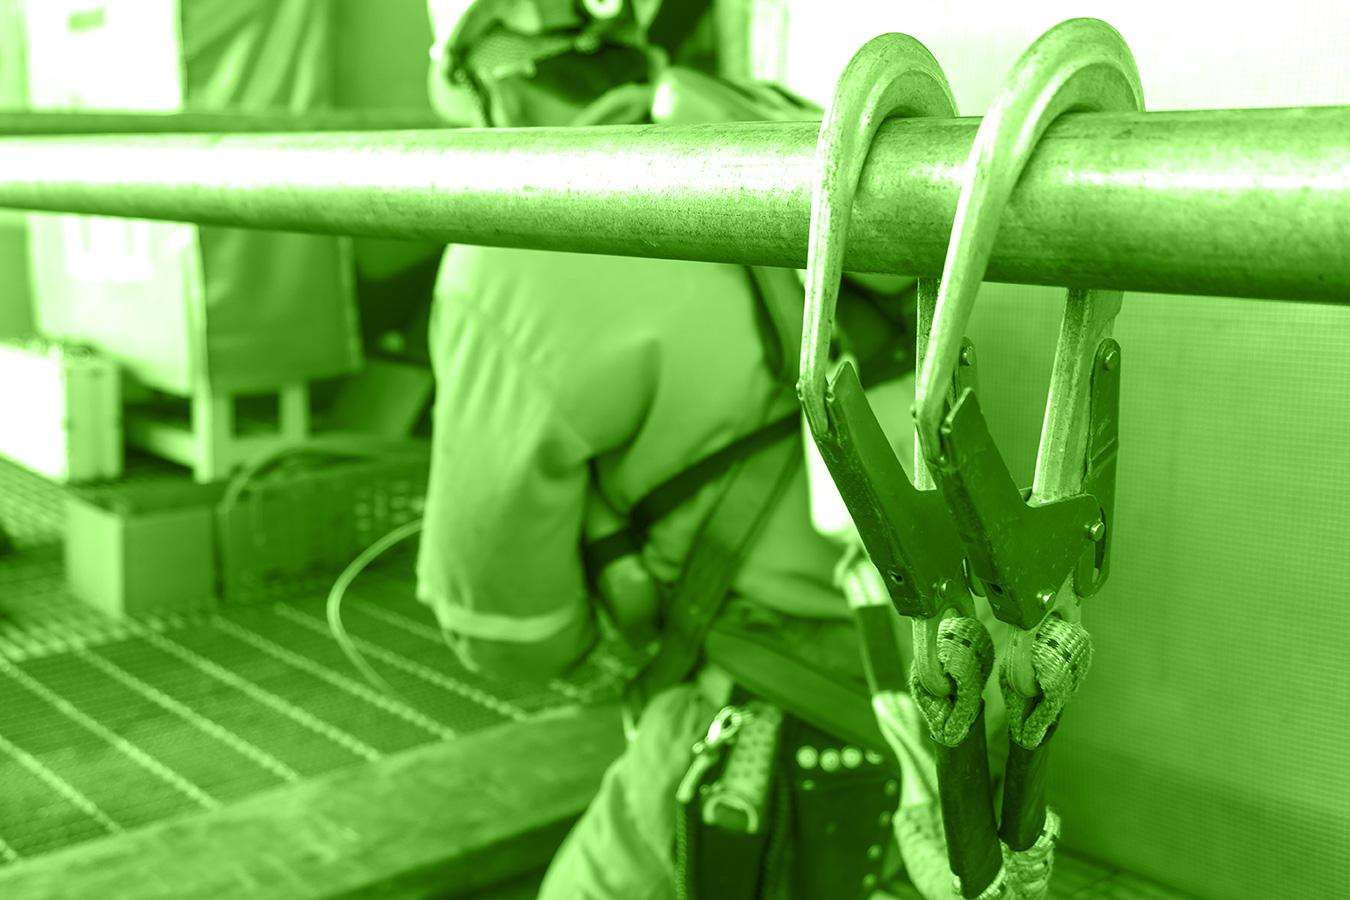 Prezzo del 50% buona qualità più popolare Sistemi Anticaduta: Imbracatura di sicurezza anticaduta - Il ...